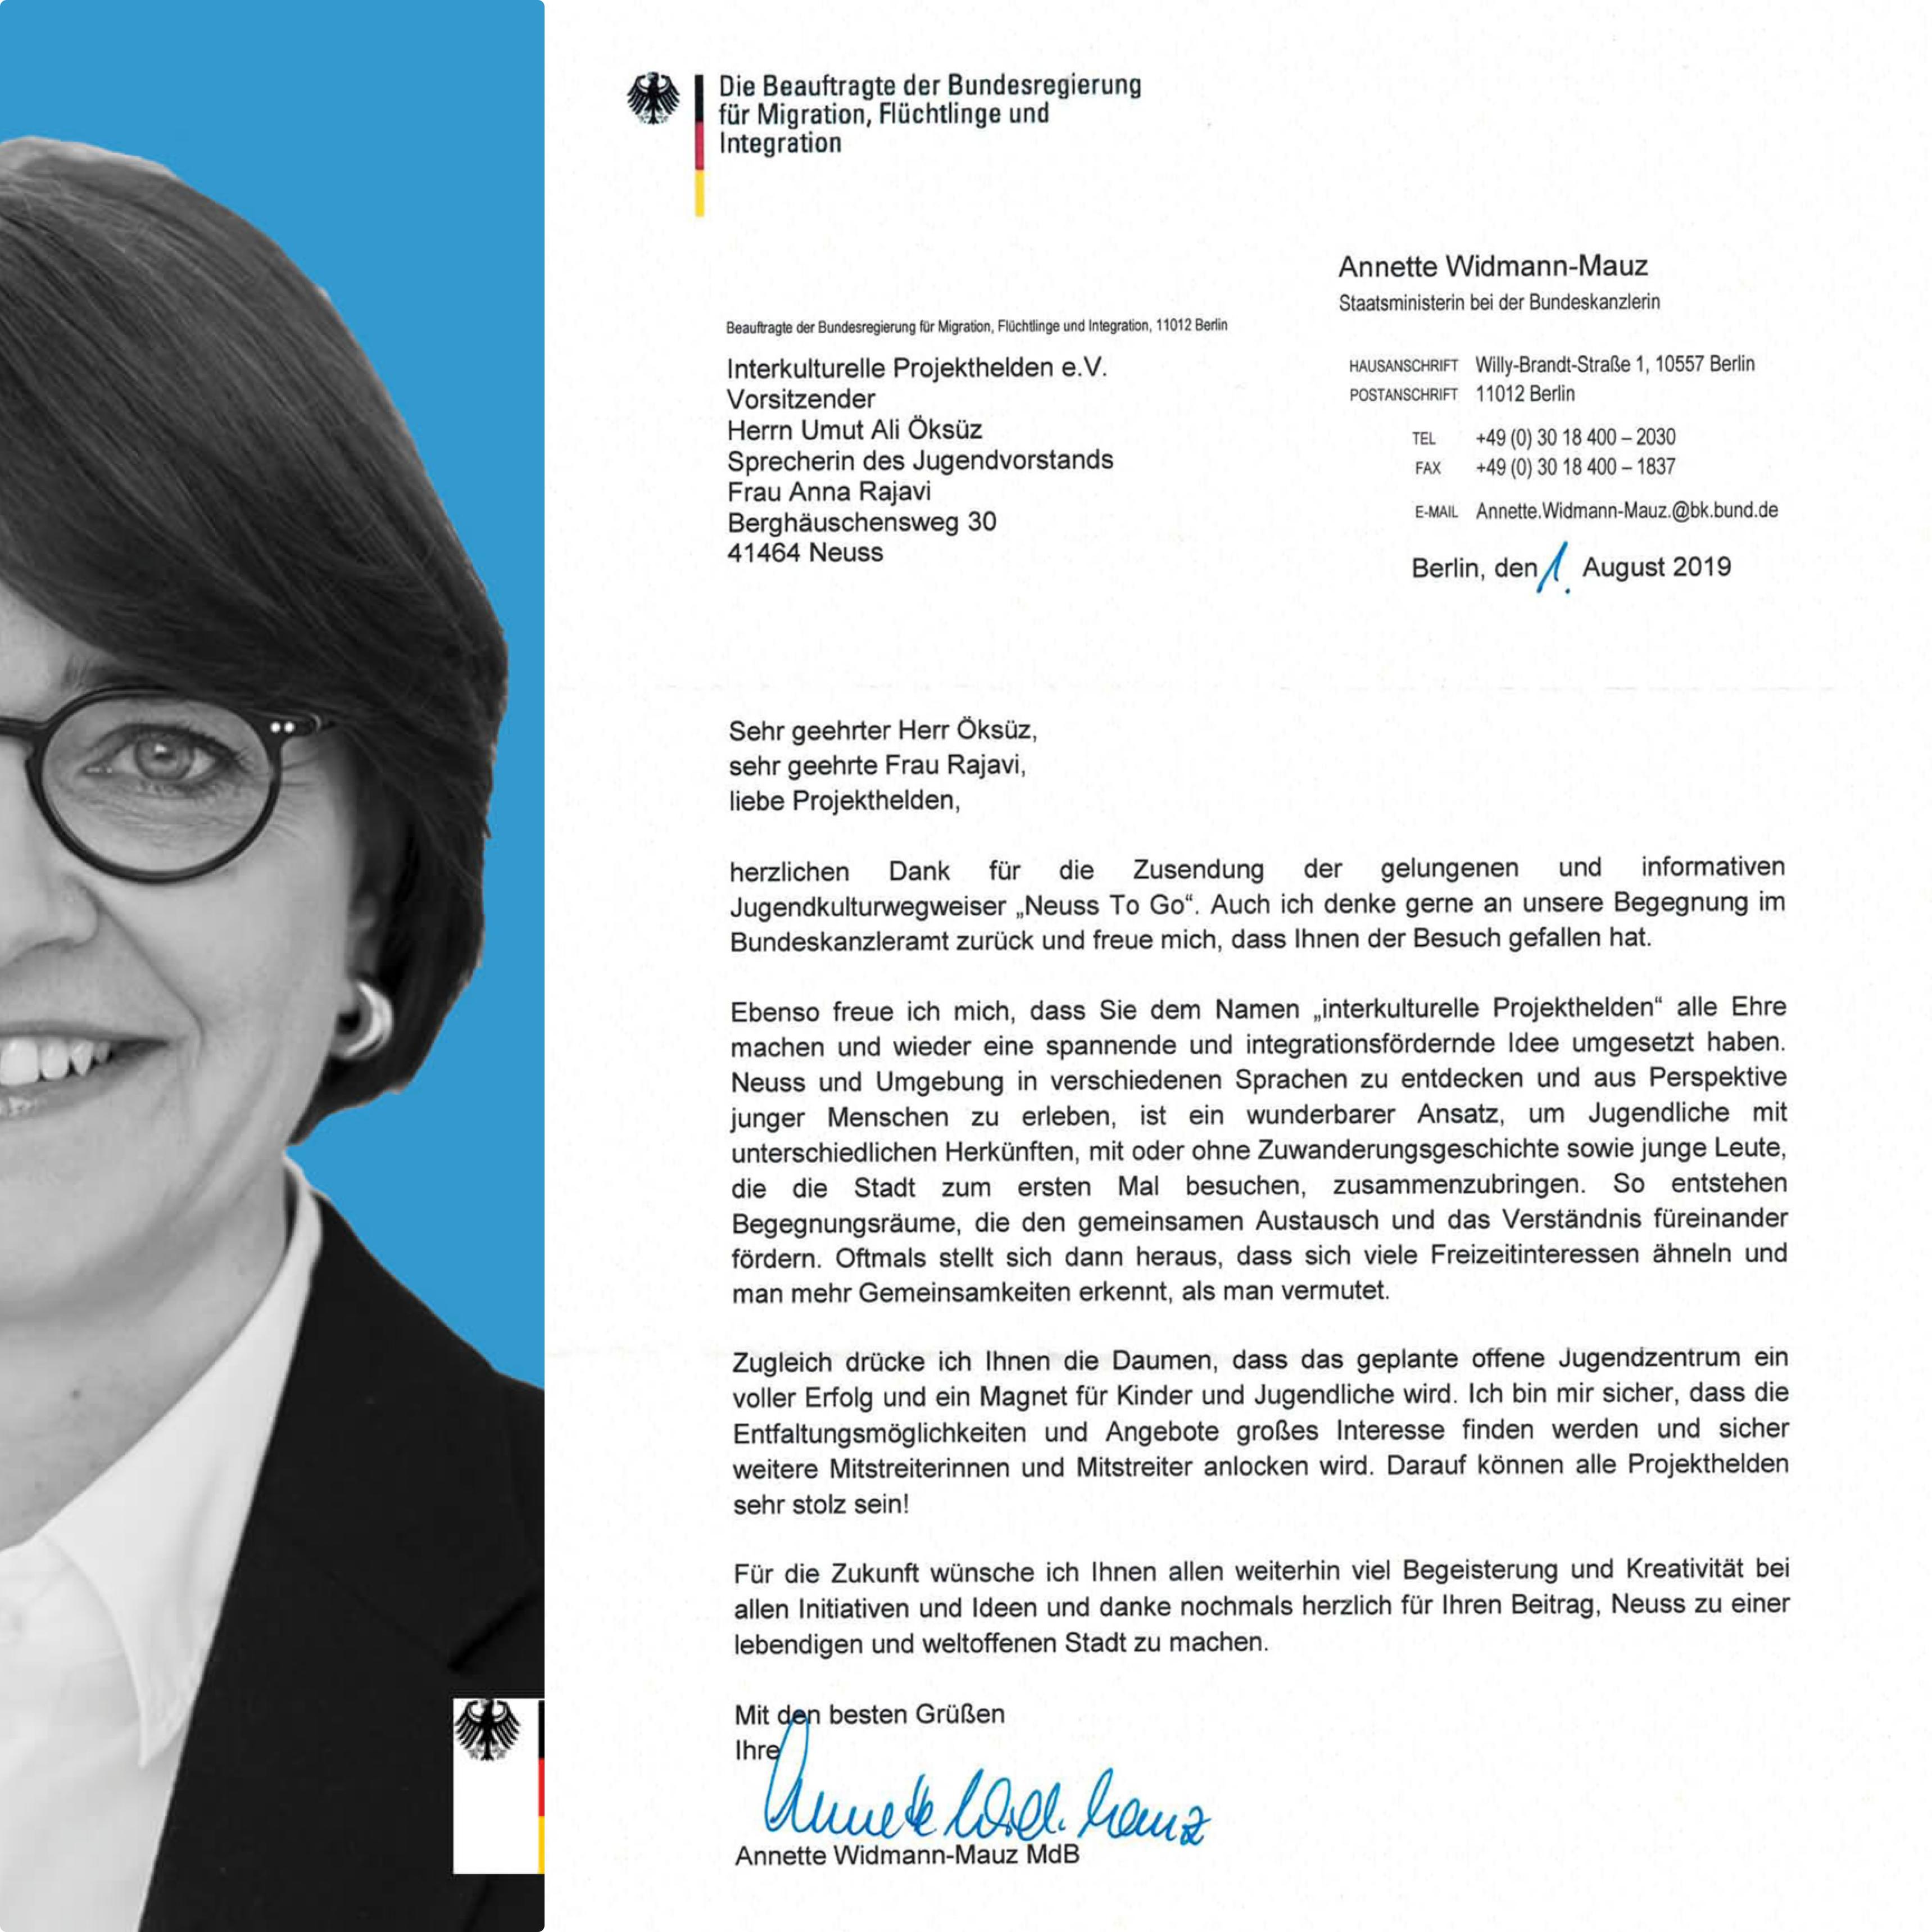 Annette Widmann-Mauz Interkulturelle Projekthelden